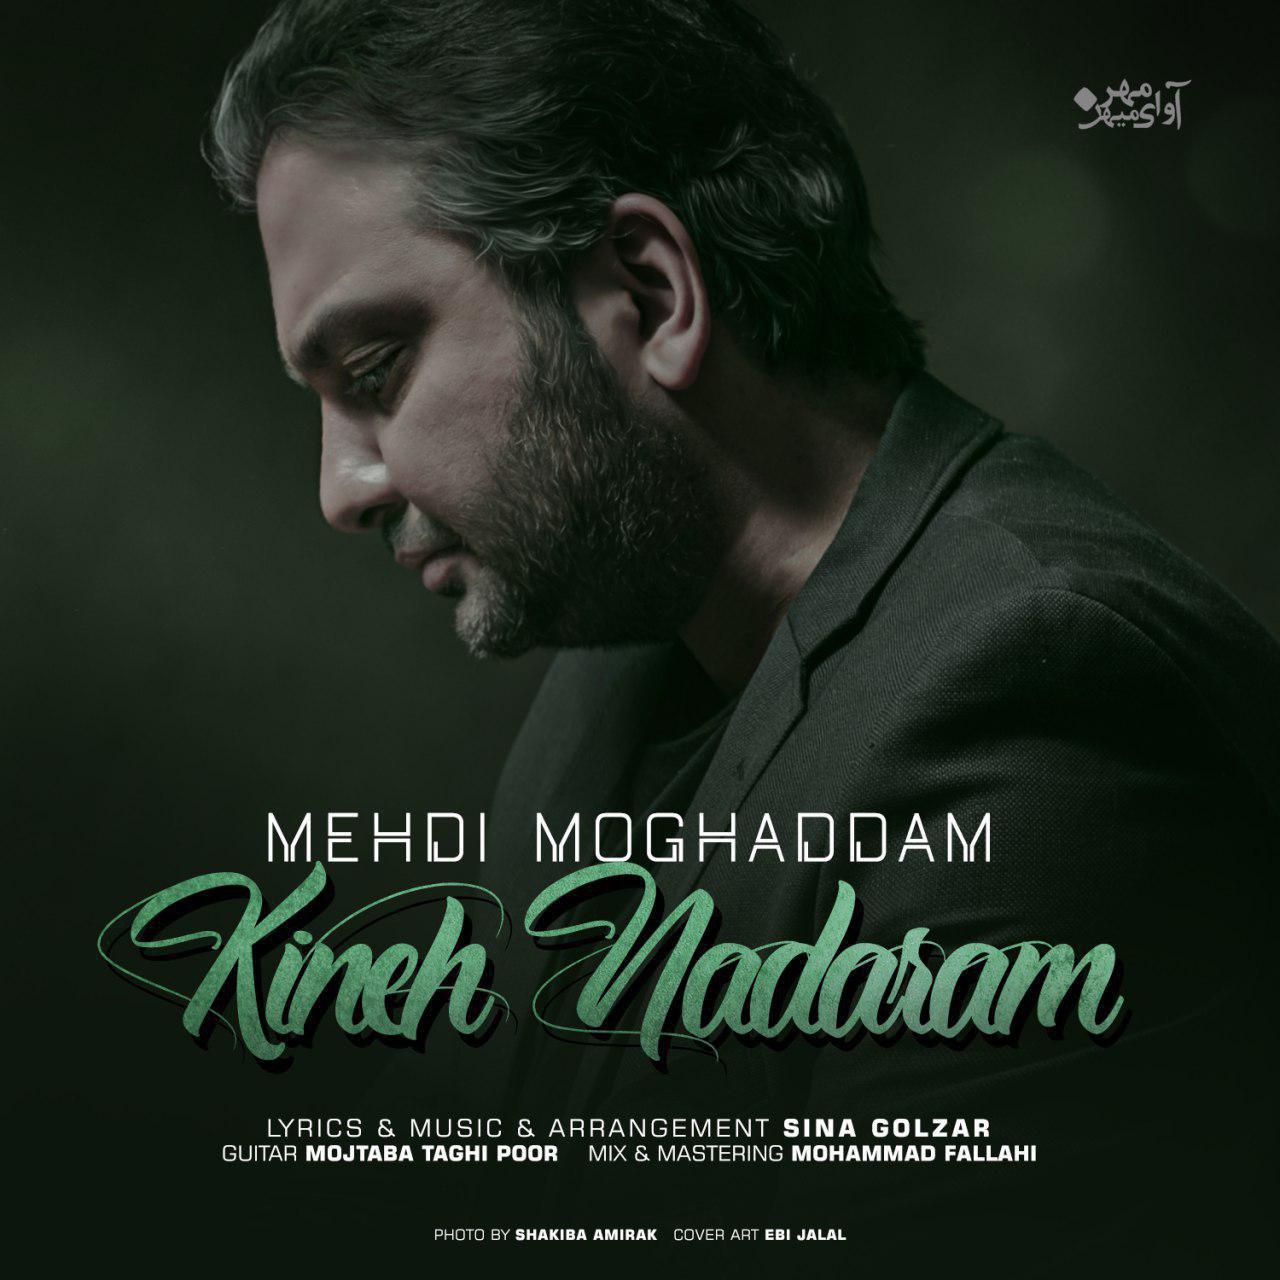 Mehdi Moghadam - Kineh Nadaram